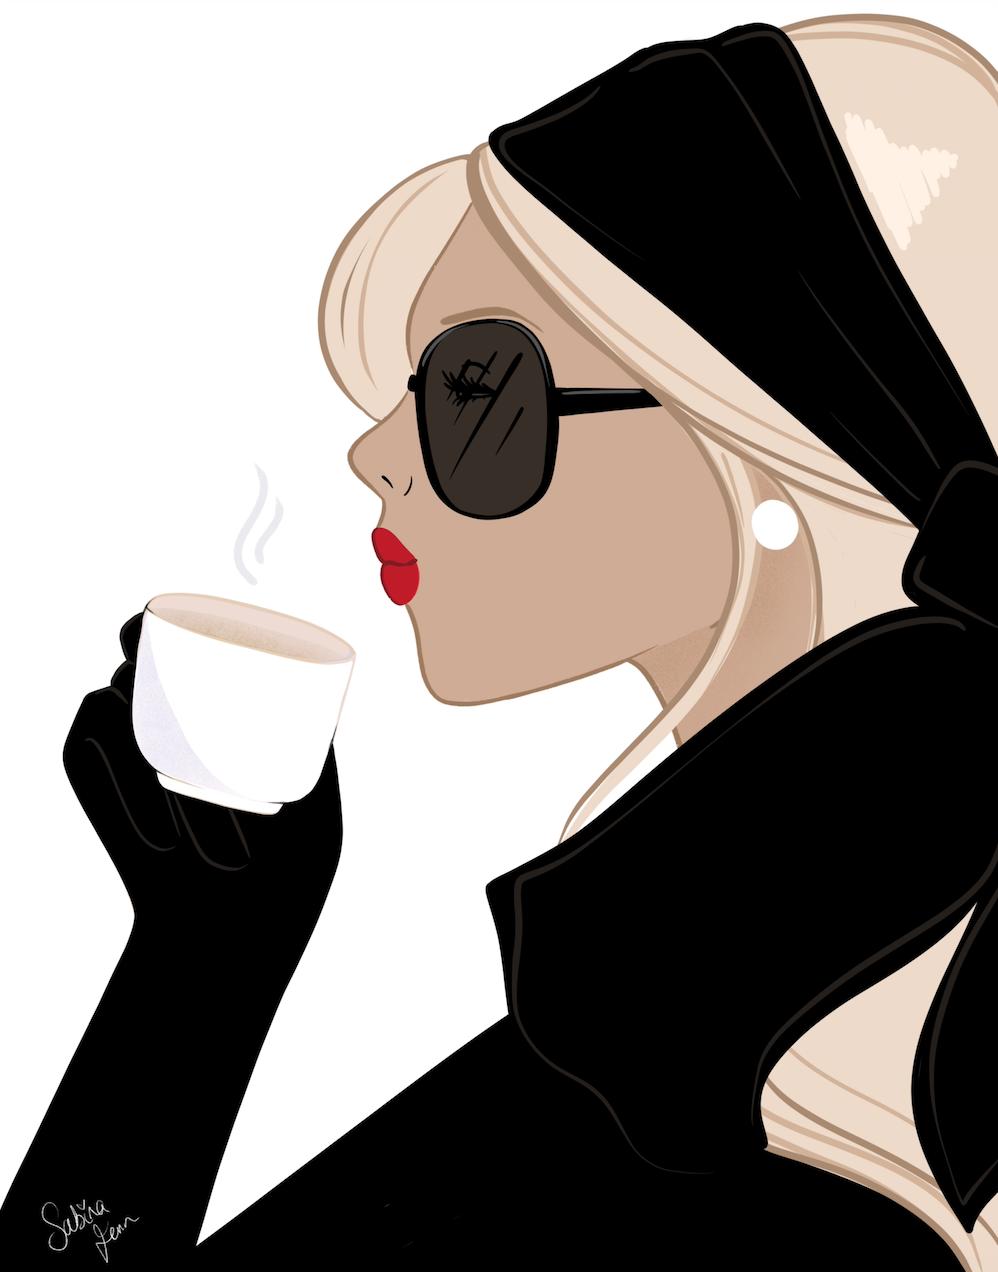 Espresso Chic